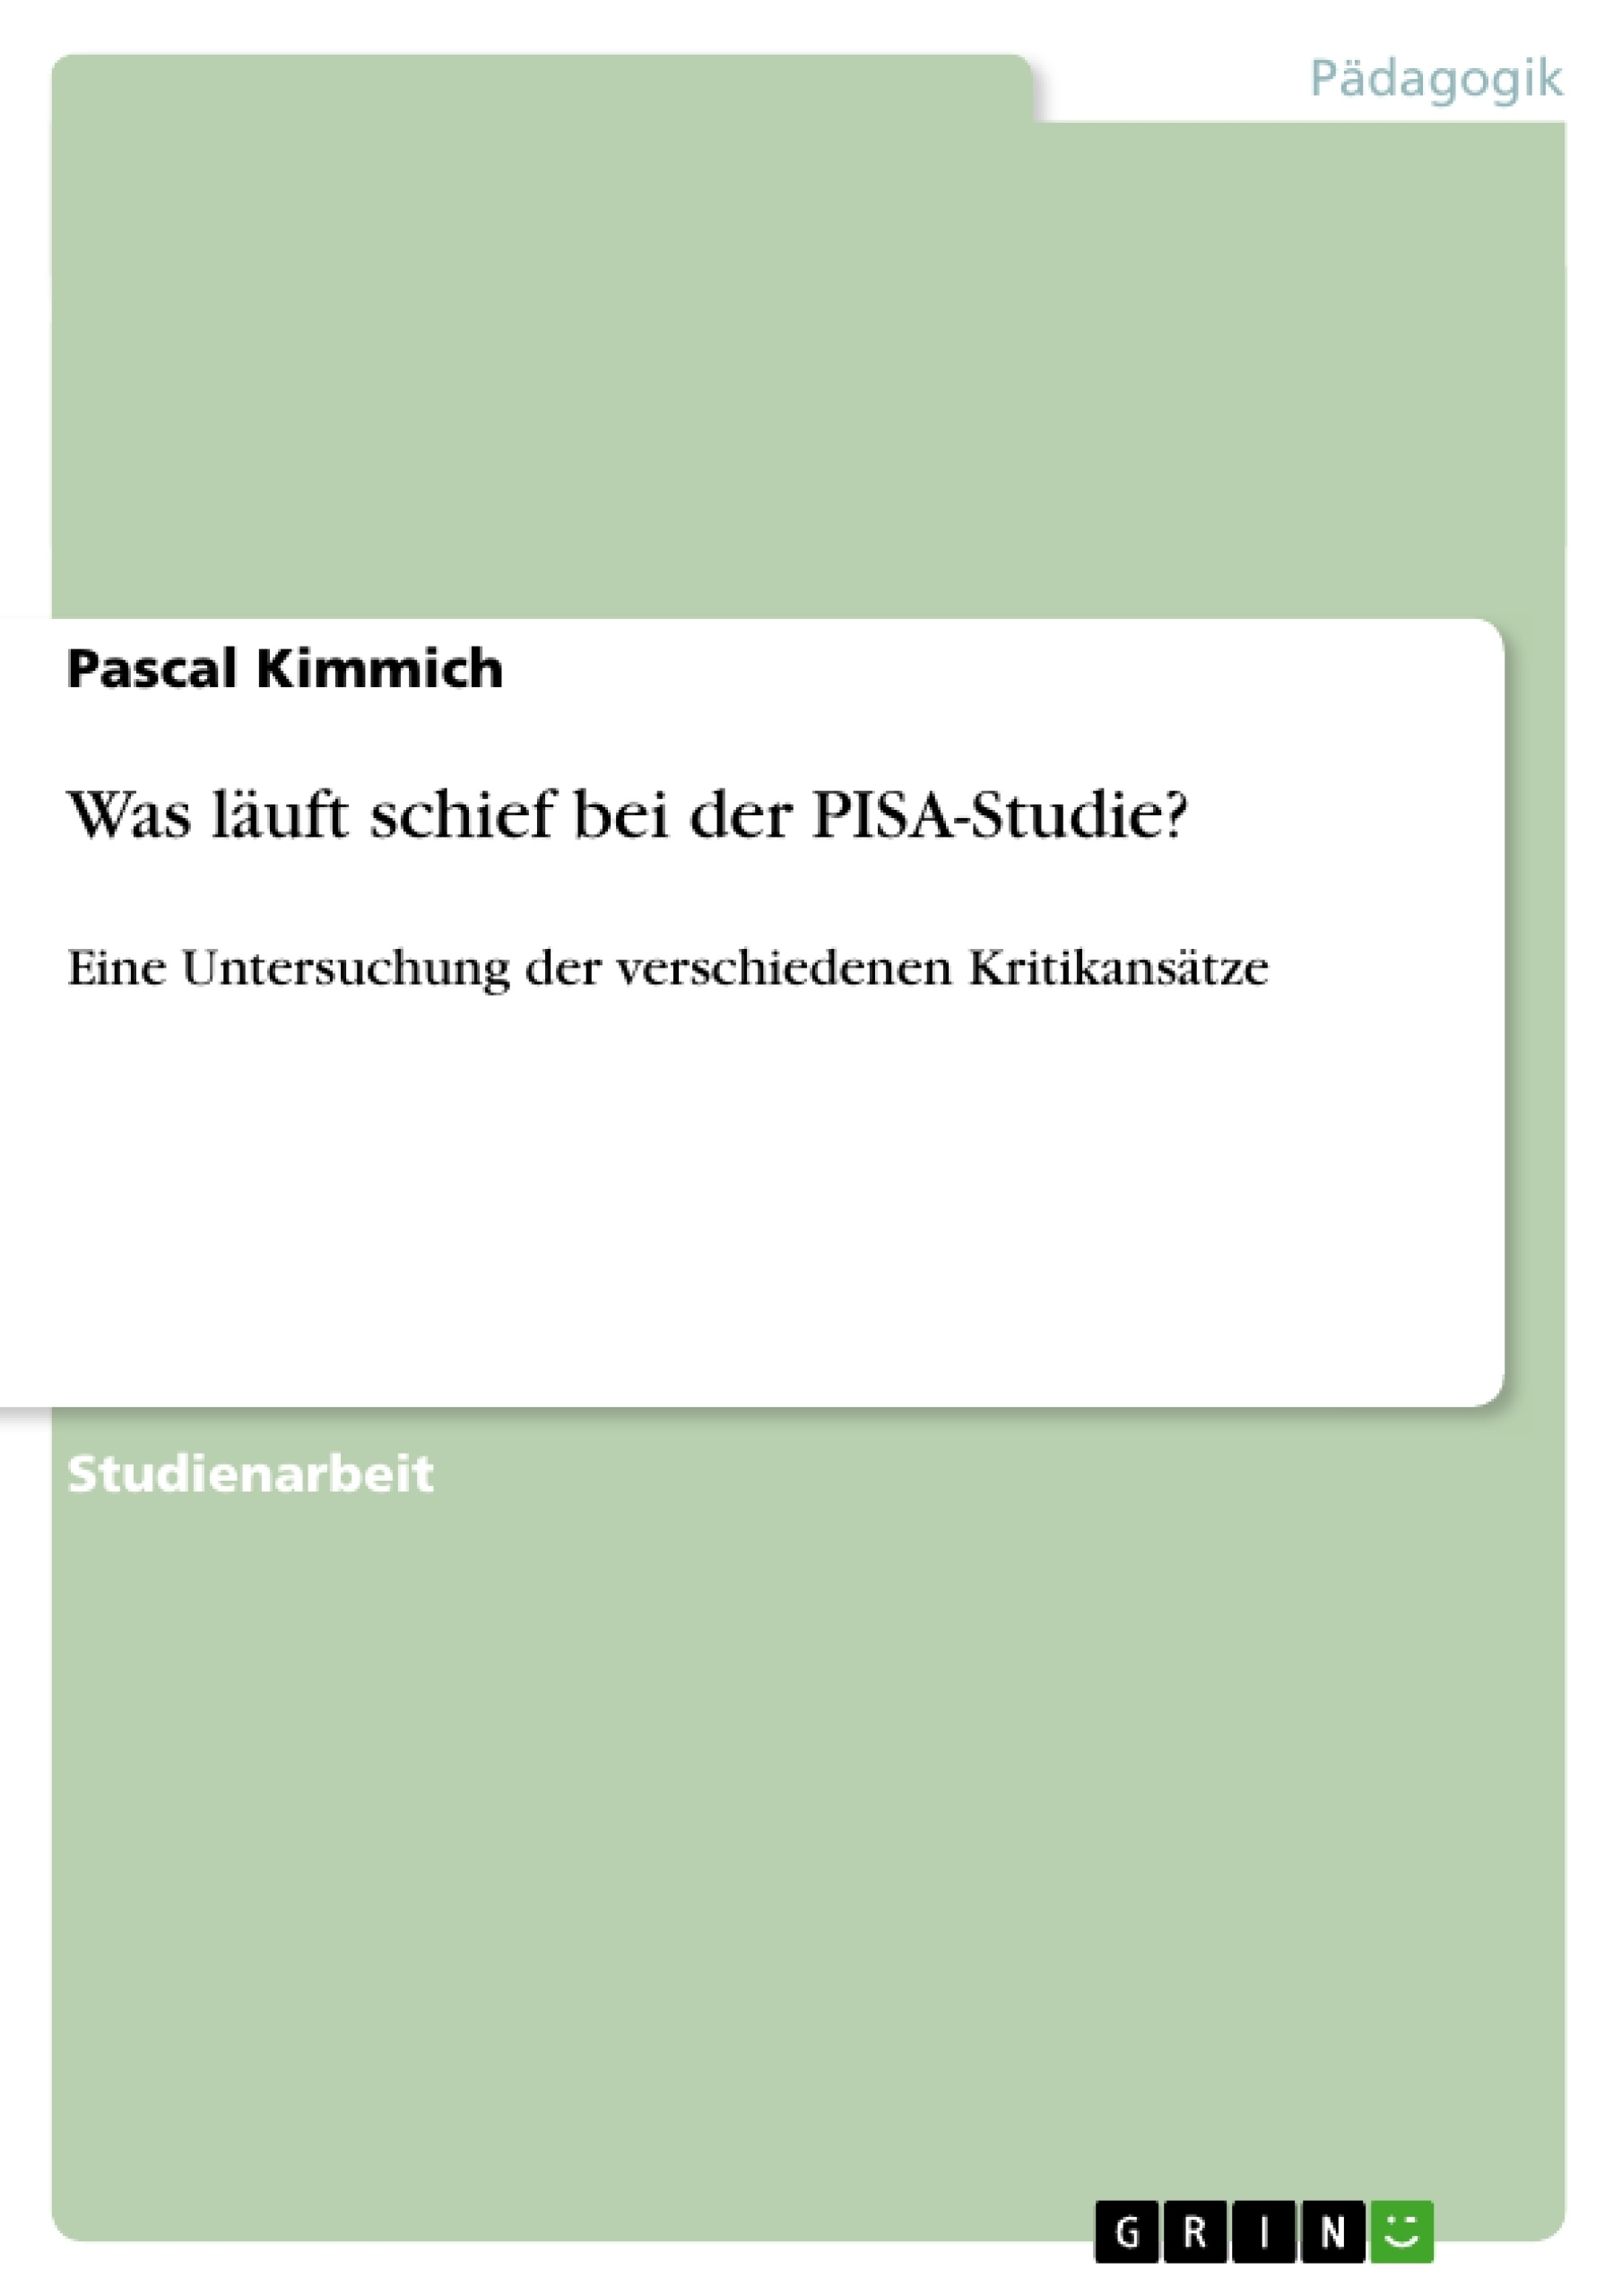 Titel: Was läuft schief bei der PISA-Studie?